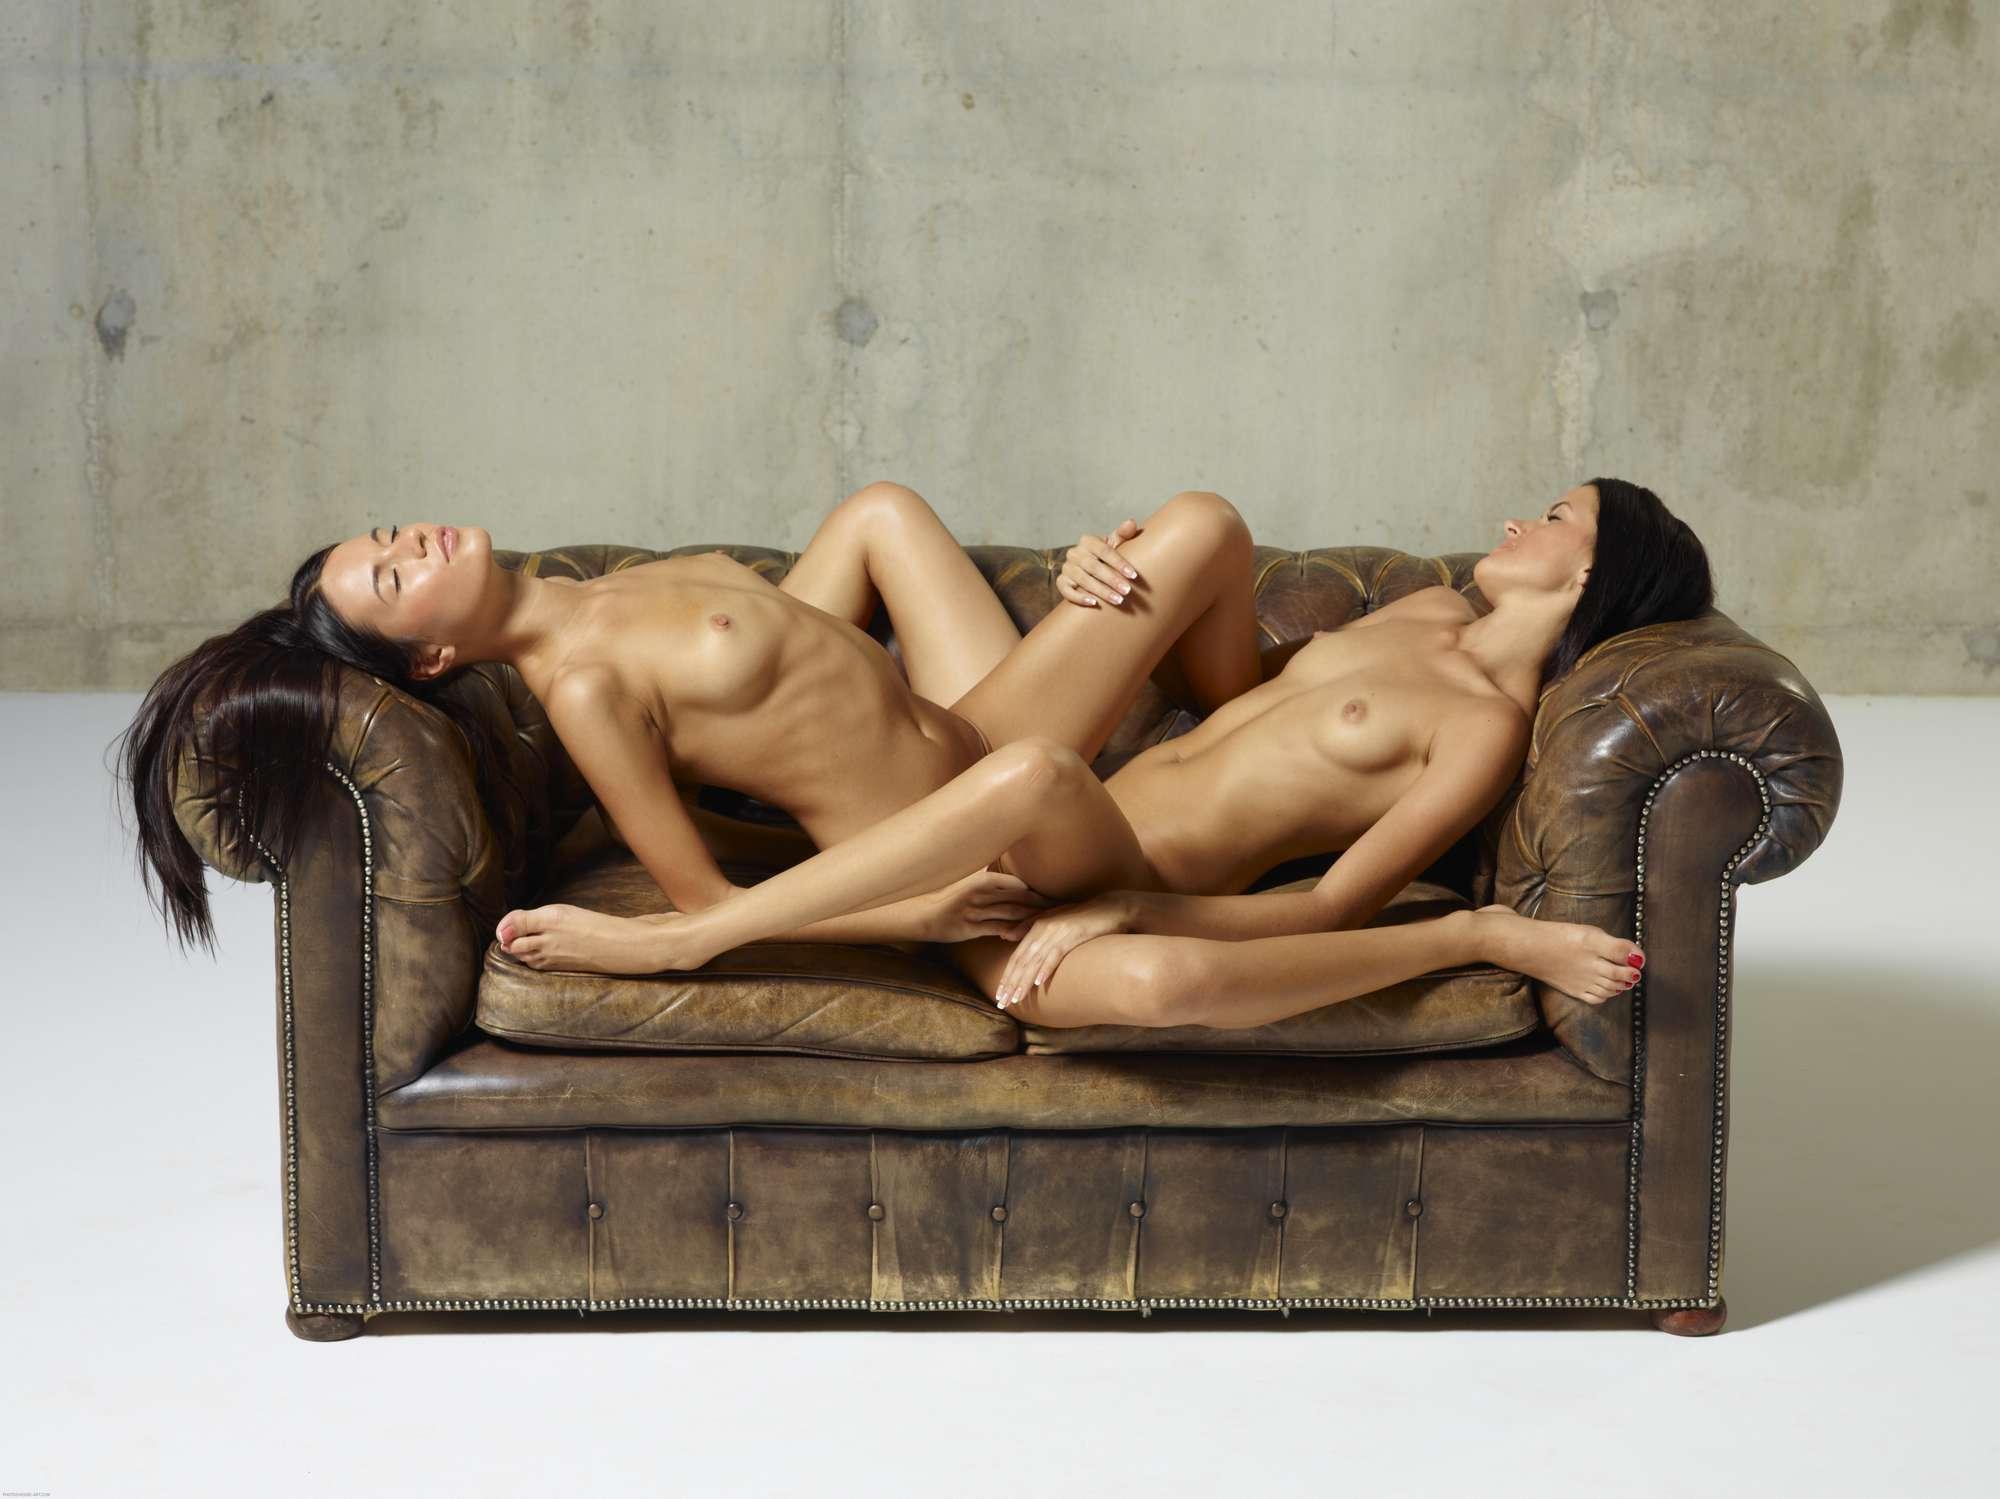 tribbing-lesbian-naked-scissoring-girls-mix-08